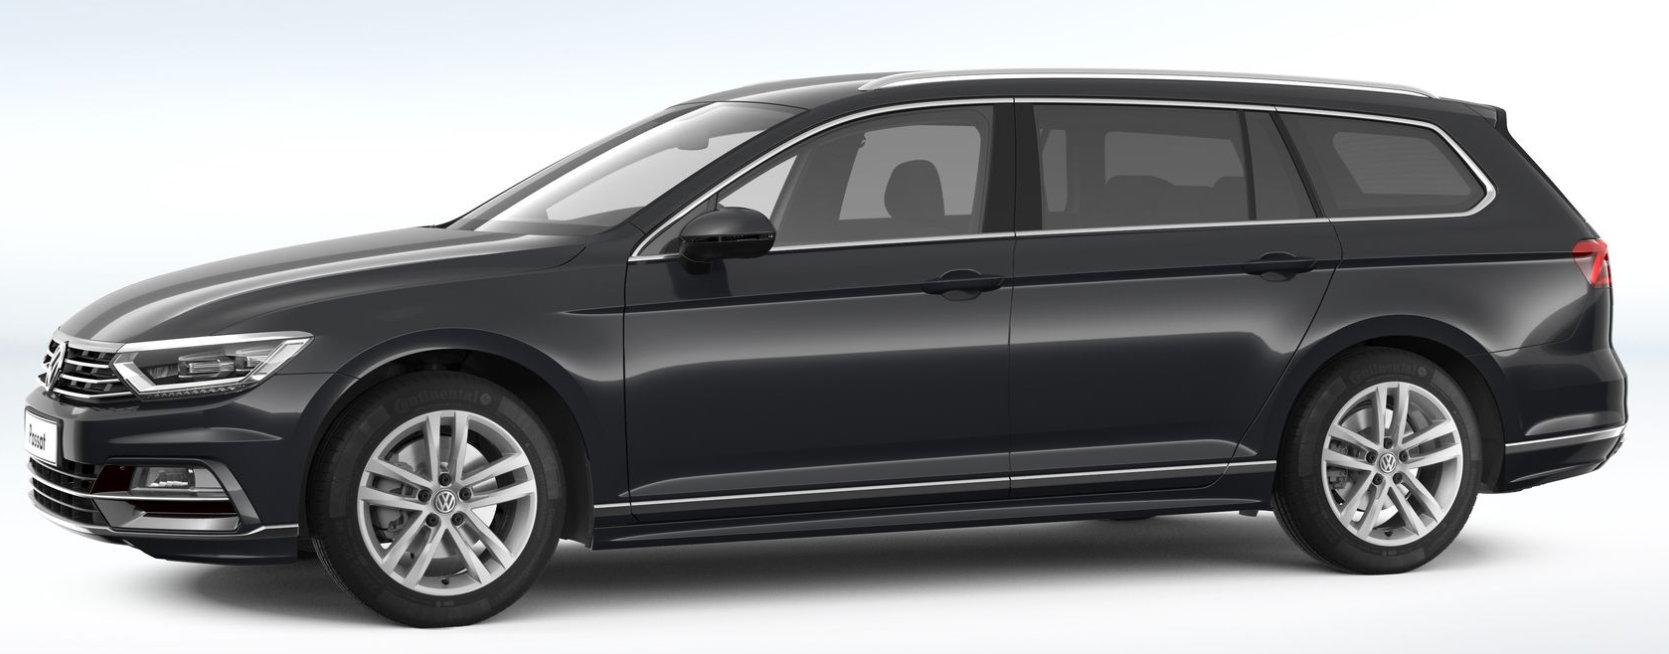 Volkswagen-Passat-Variant-leasen-2